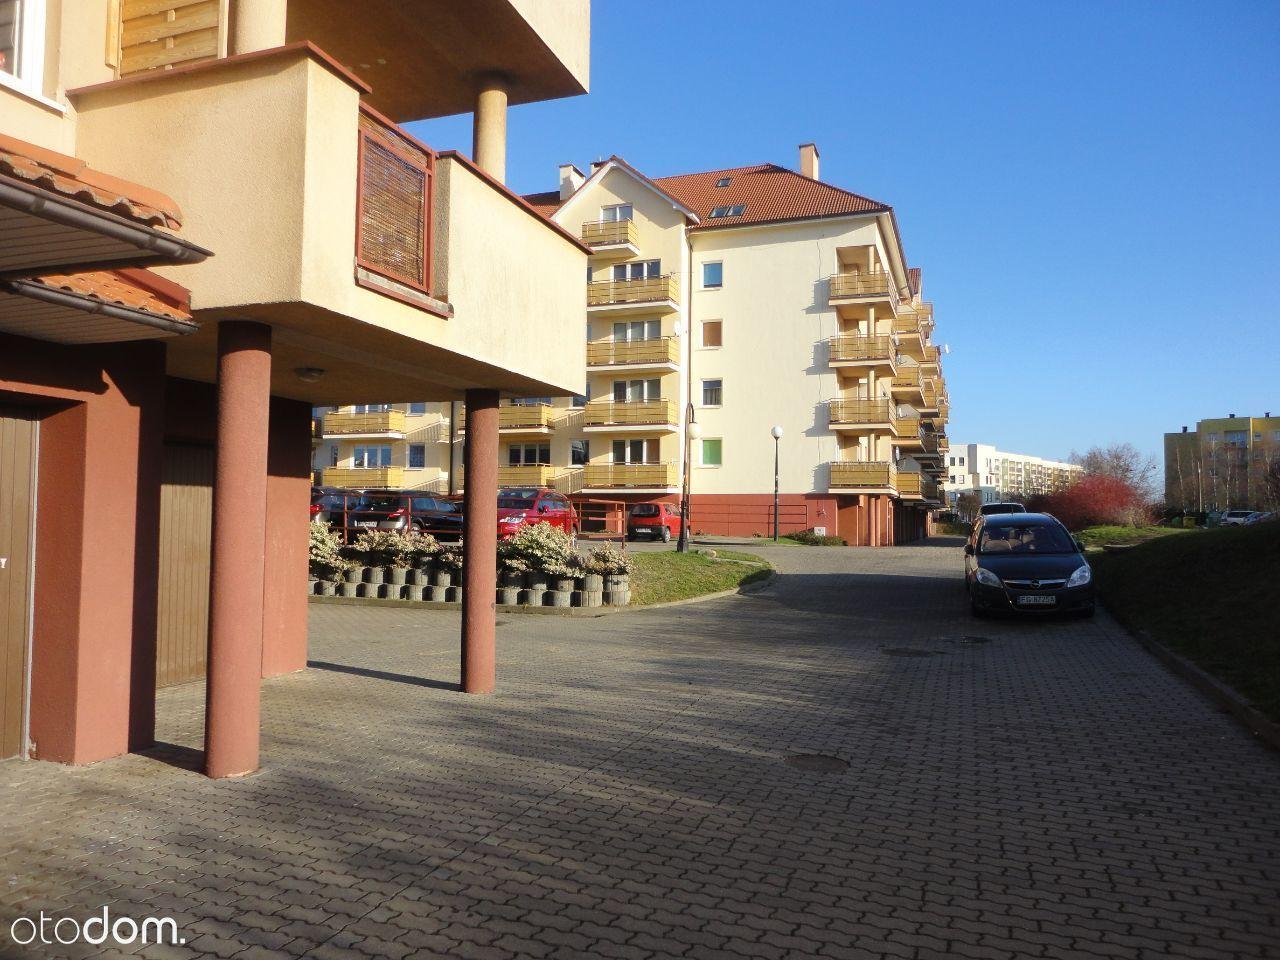 Garaż na sprzedaż, Gorzów Wielkopolski, Górczyn - Foto 1